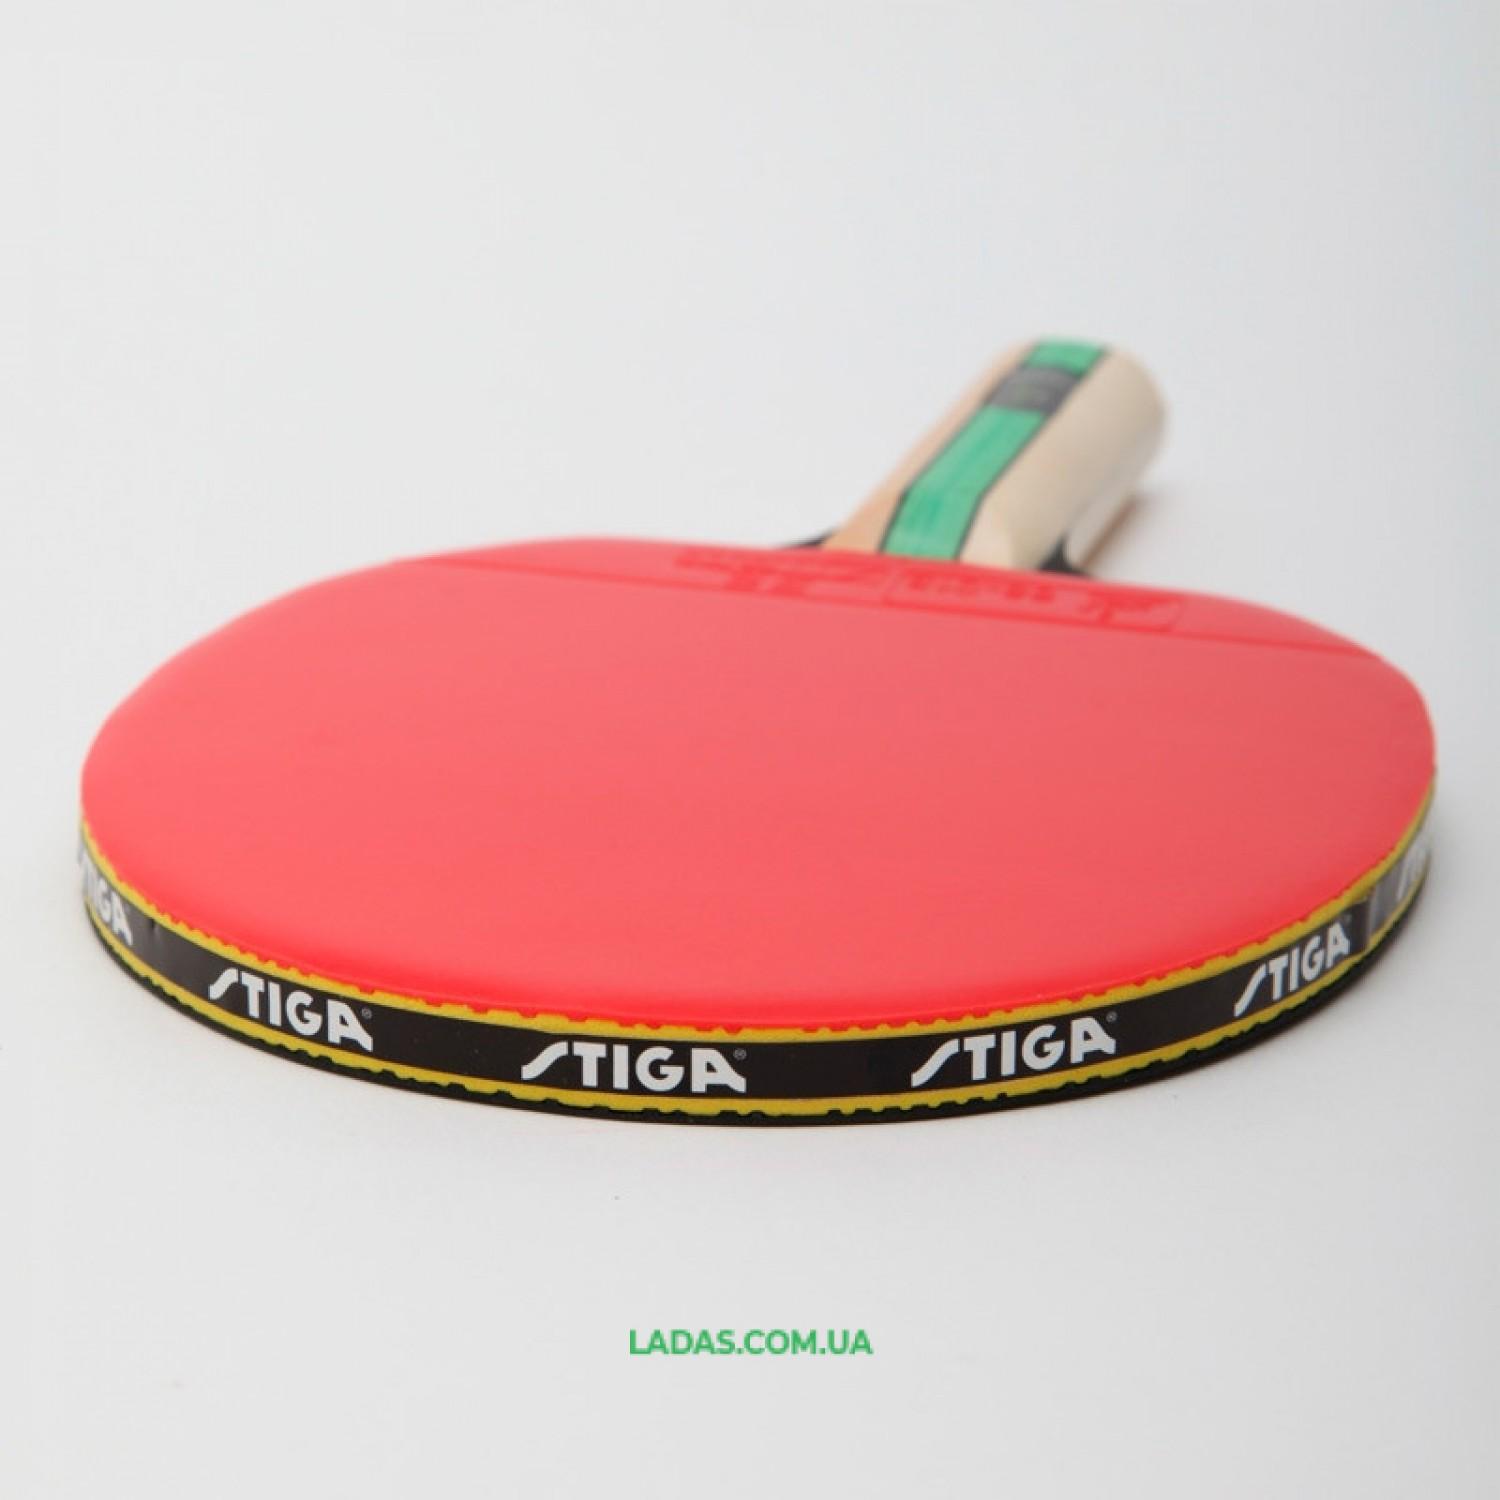 Ракетка для настольного тенниса 1 штука STIGA TRACK 2* Реплика